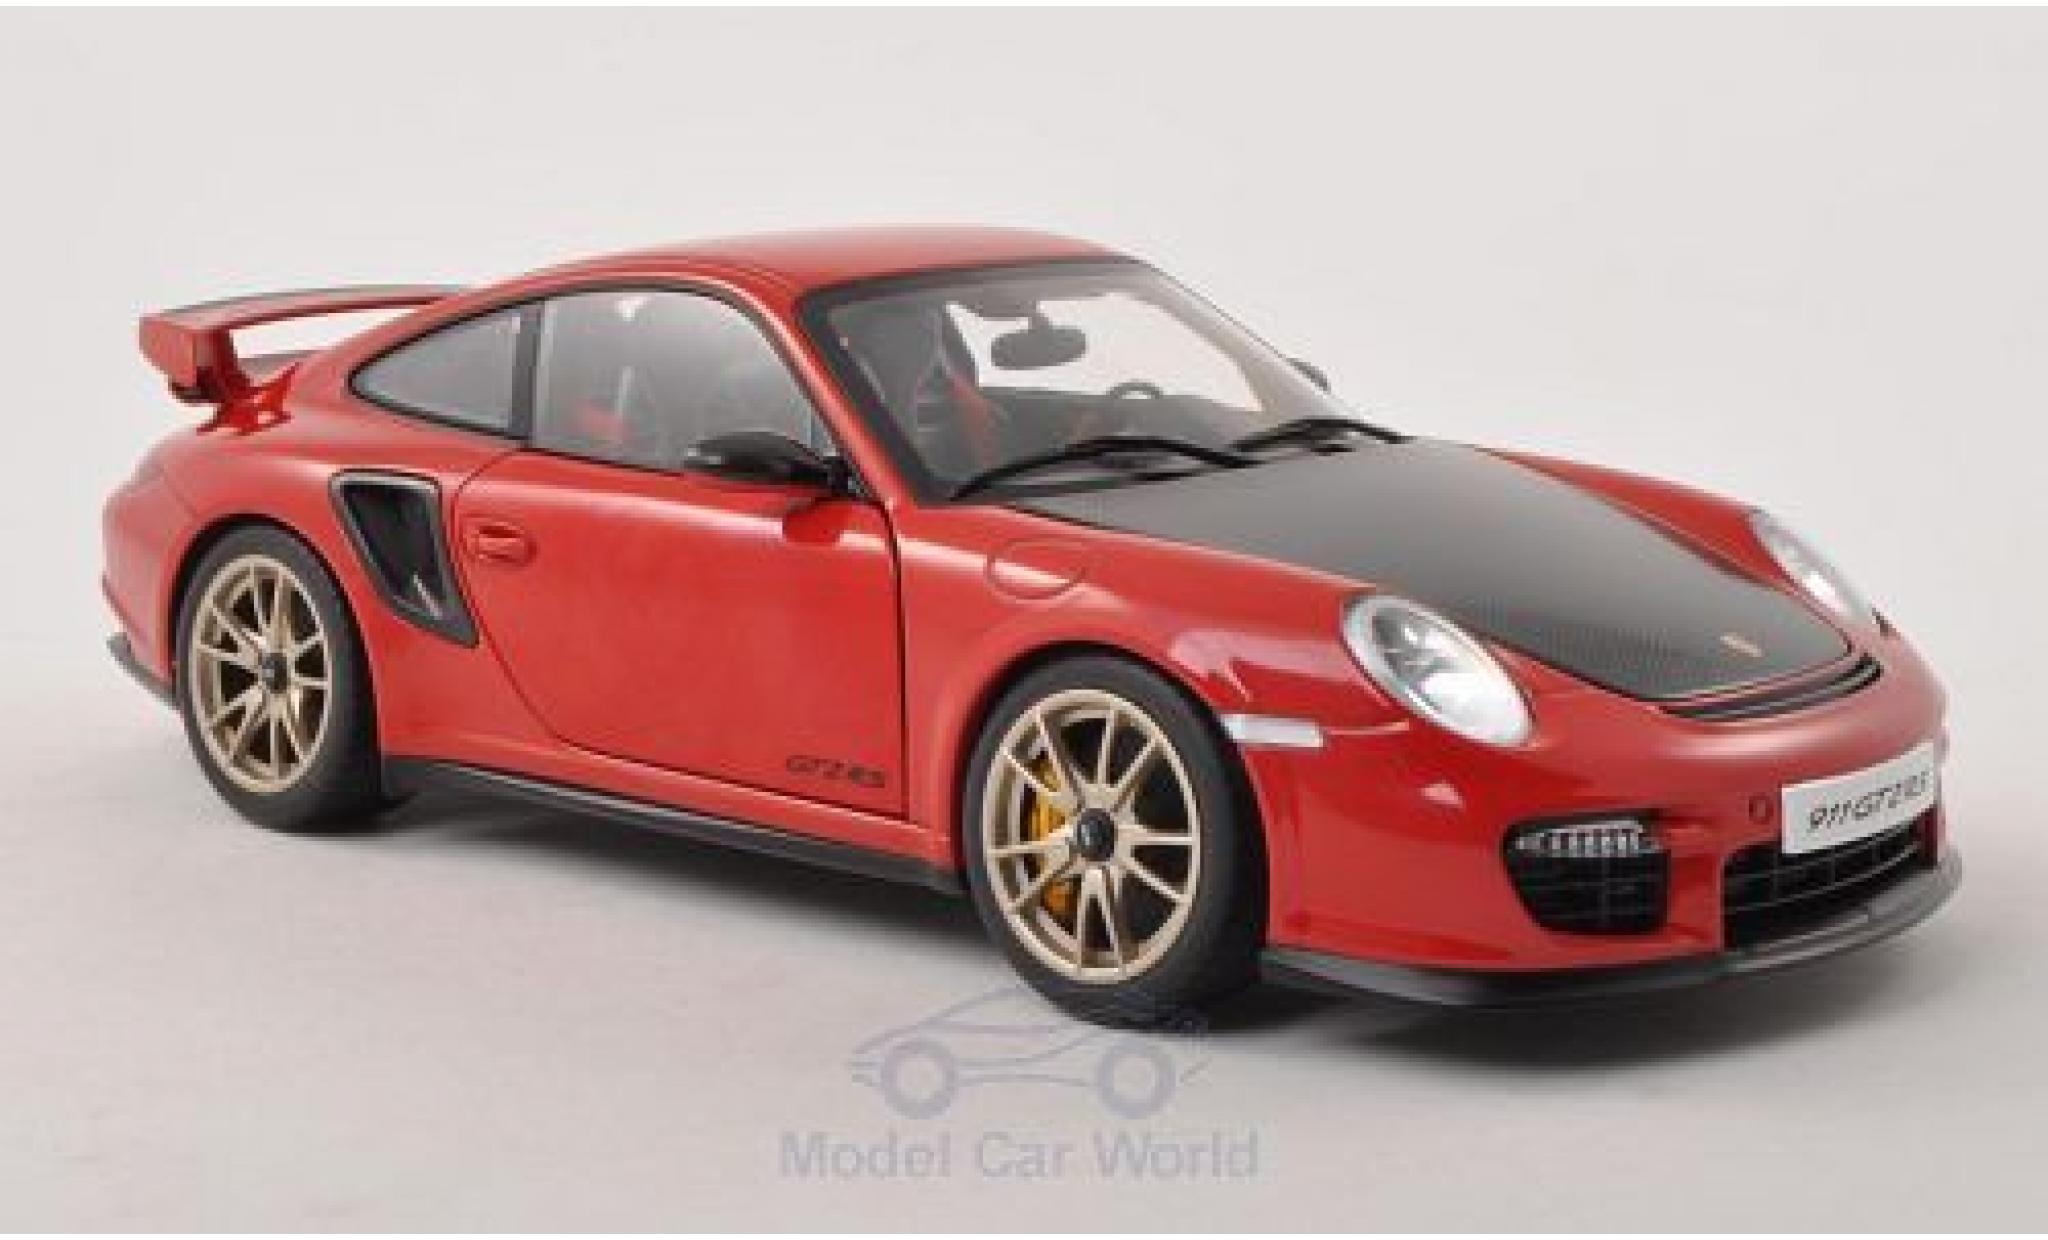 Porsche 911 1/18 AUTOart GT2 RS red/carbon